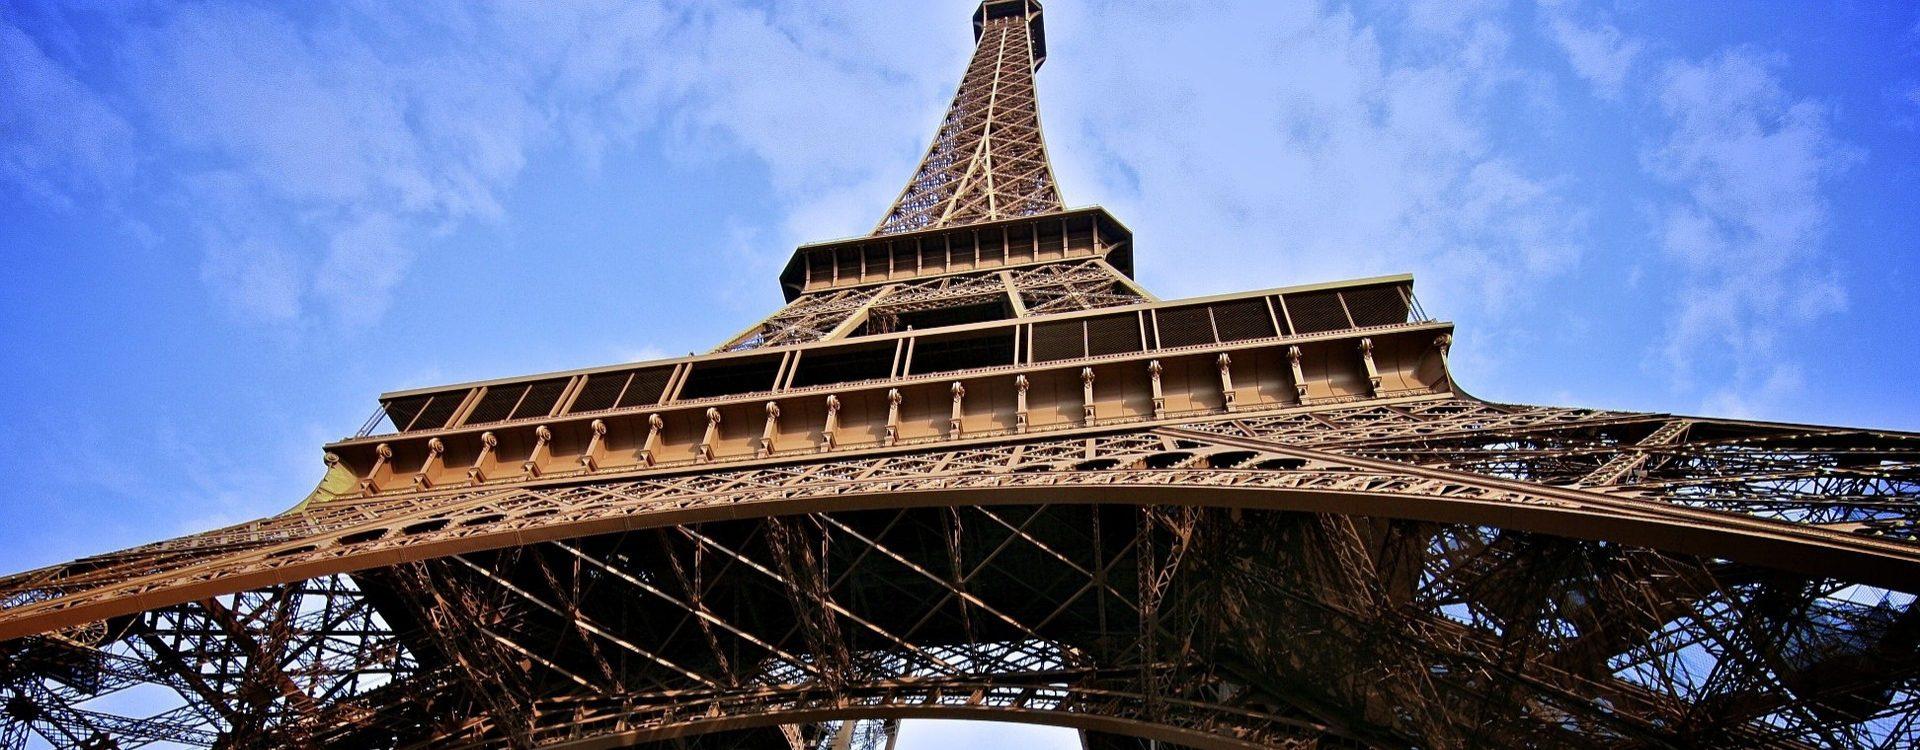 France - Escalade et voile dans les Calanques - Les matins du monde